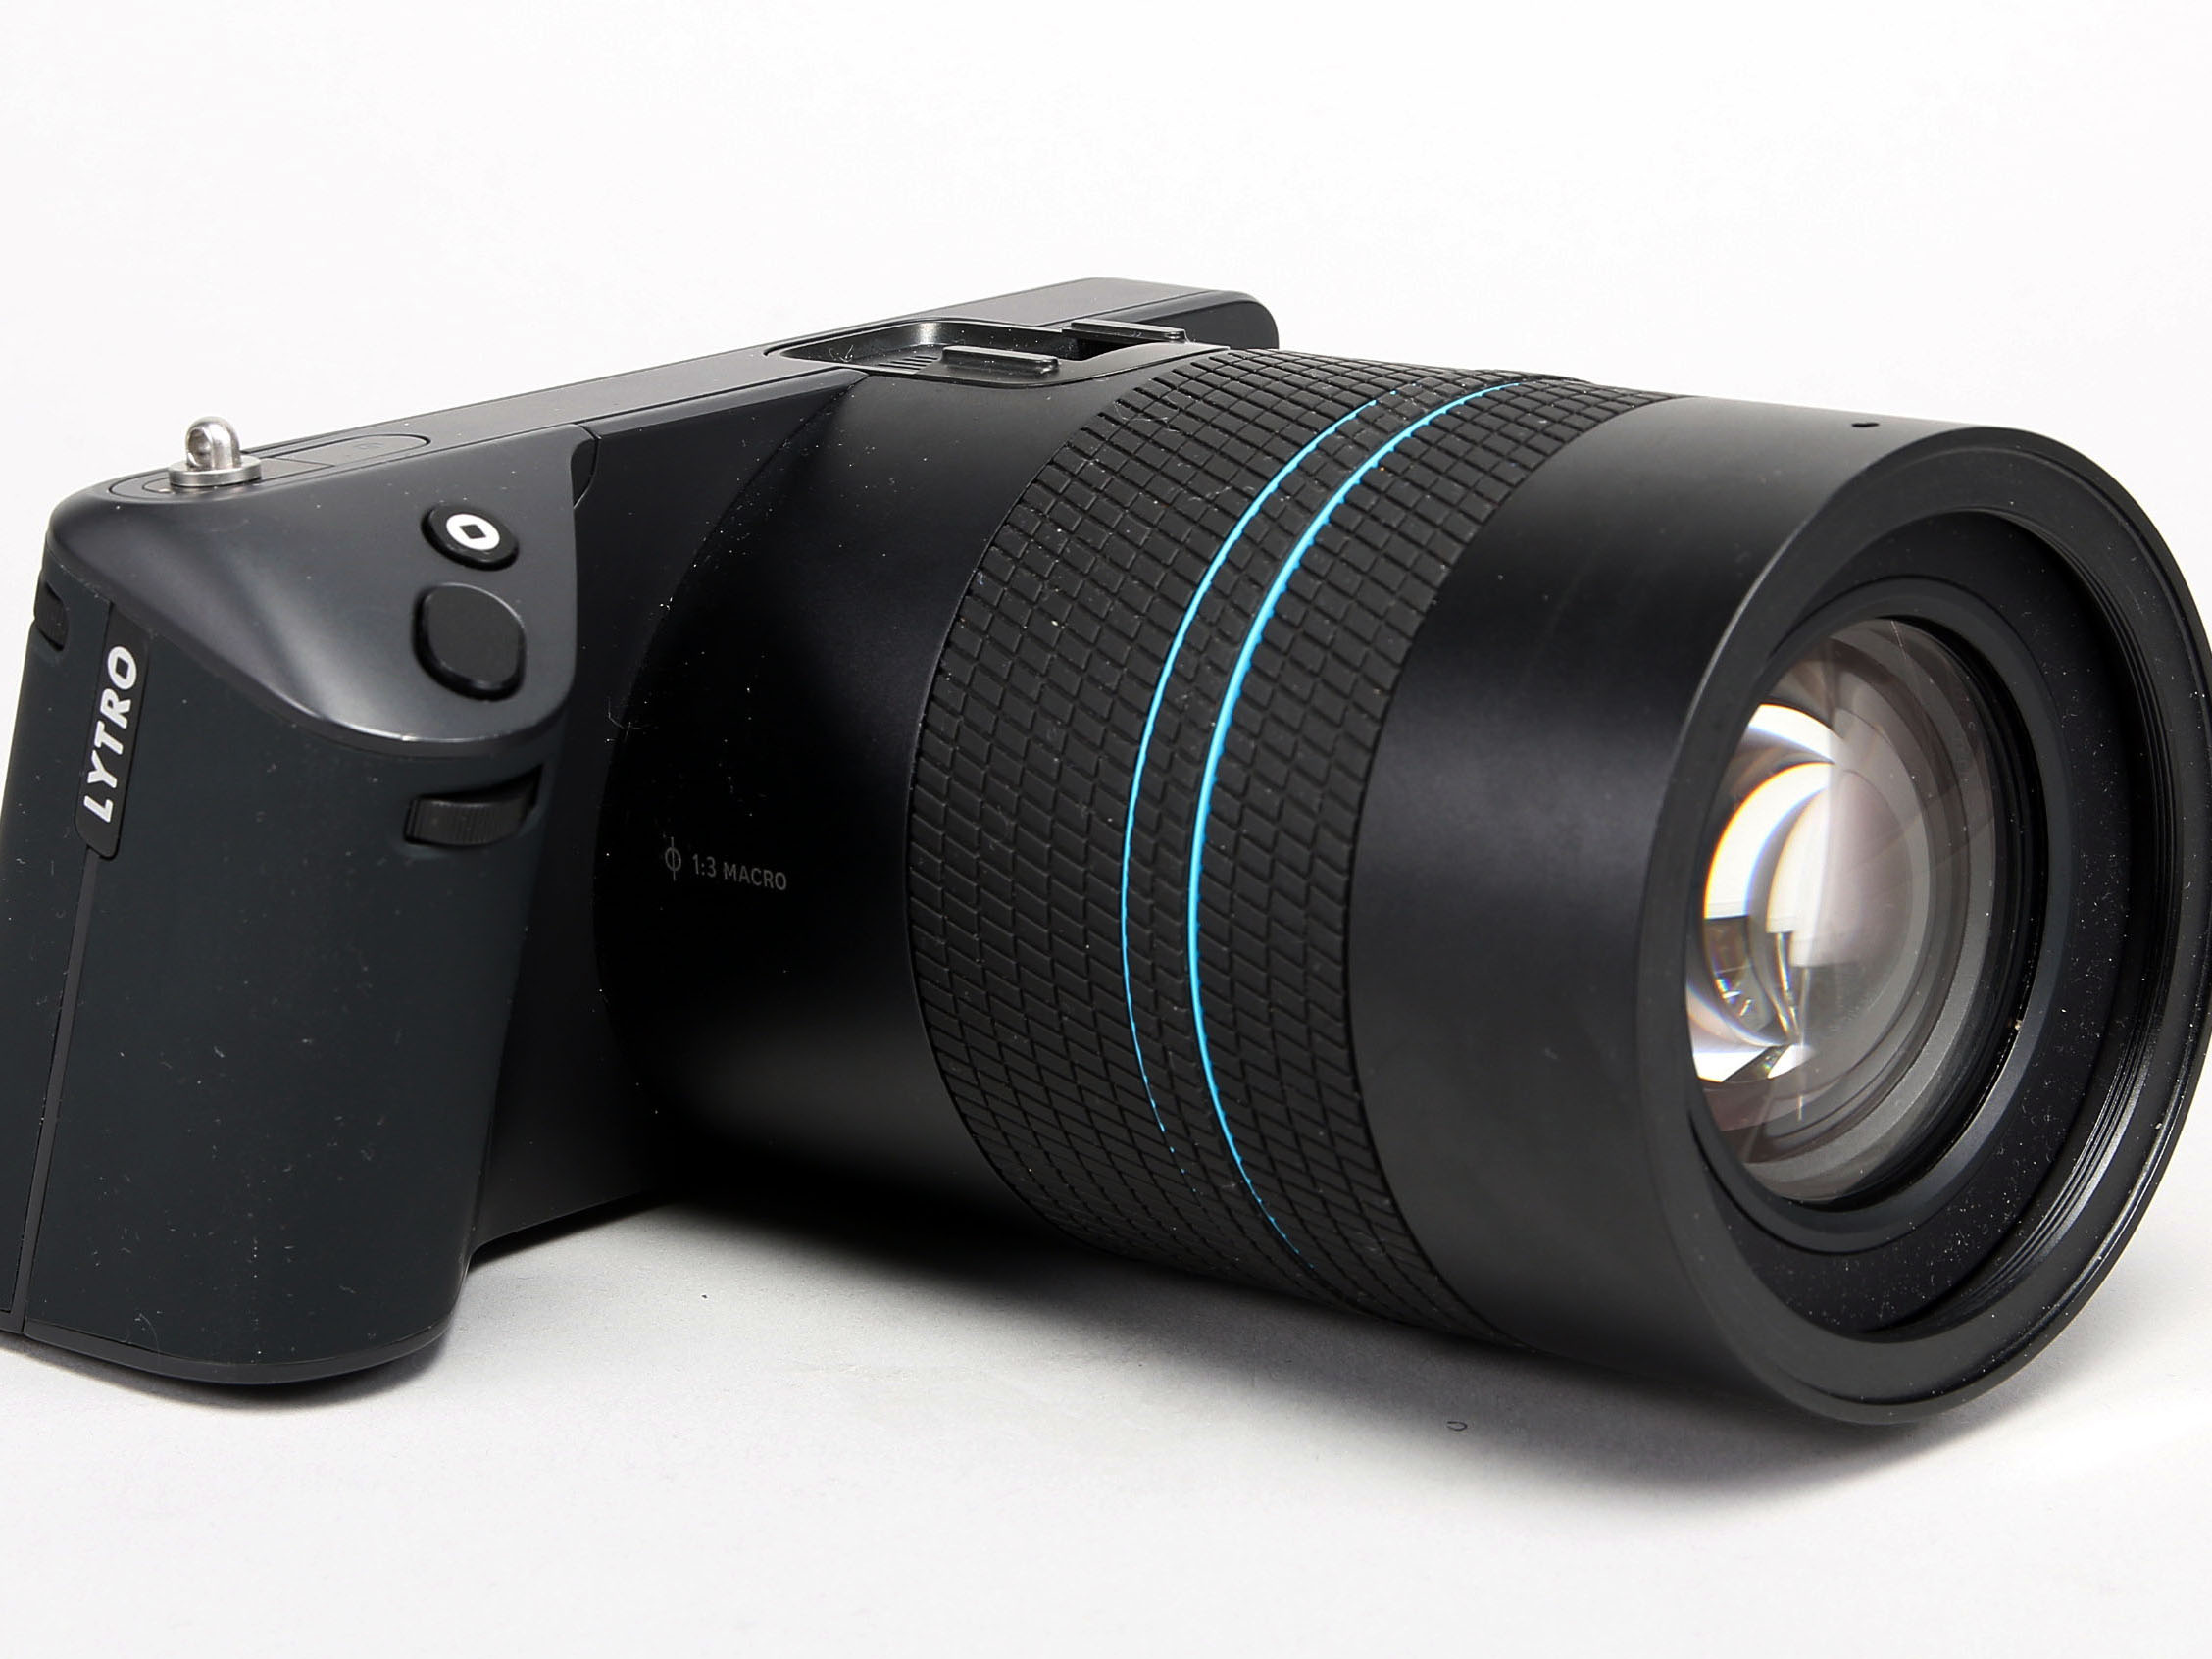 先拍照再對焦的Lytro ILLUM光場相機實測:用法很科幻,但真的實用嗎?